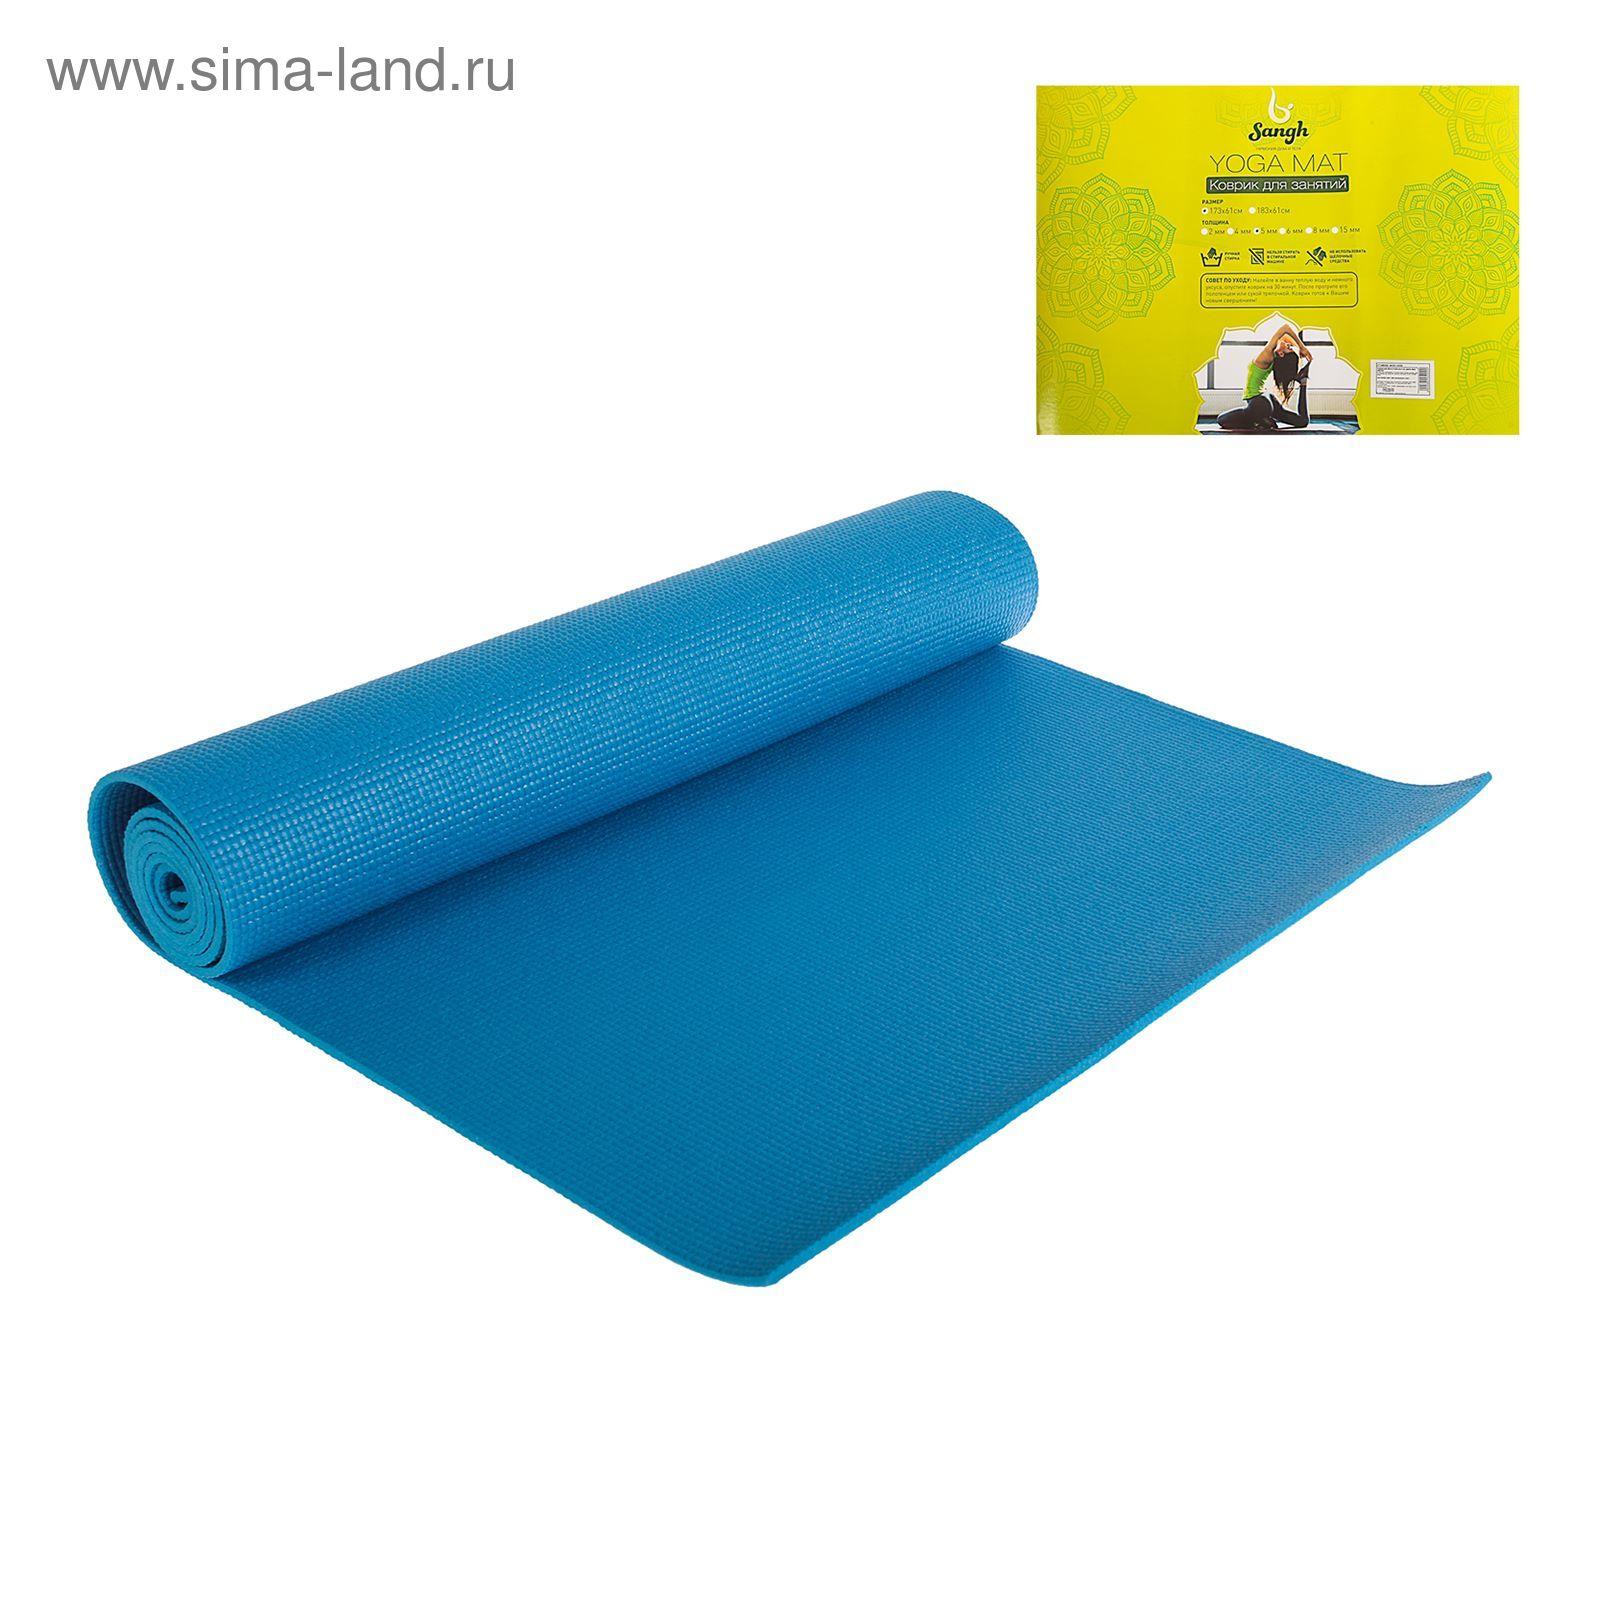 Коврик для йоги 5 мм, цвета МИКС (488205) - Купить по цене от 455.00 ... 2dfd4c7a811